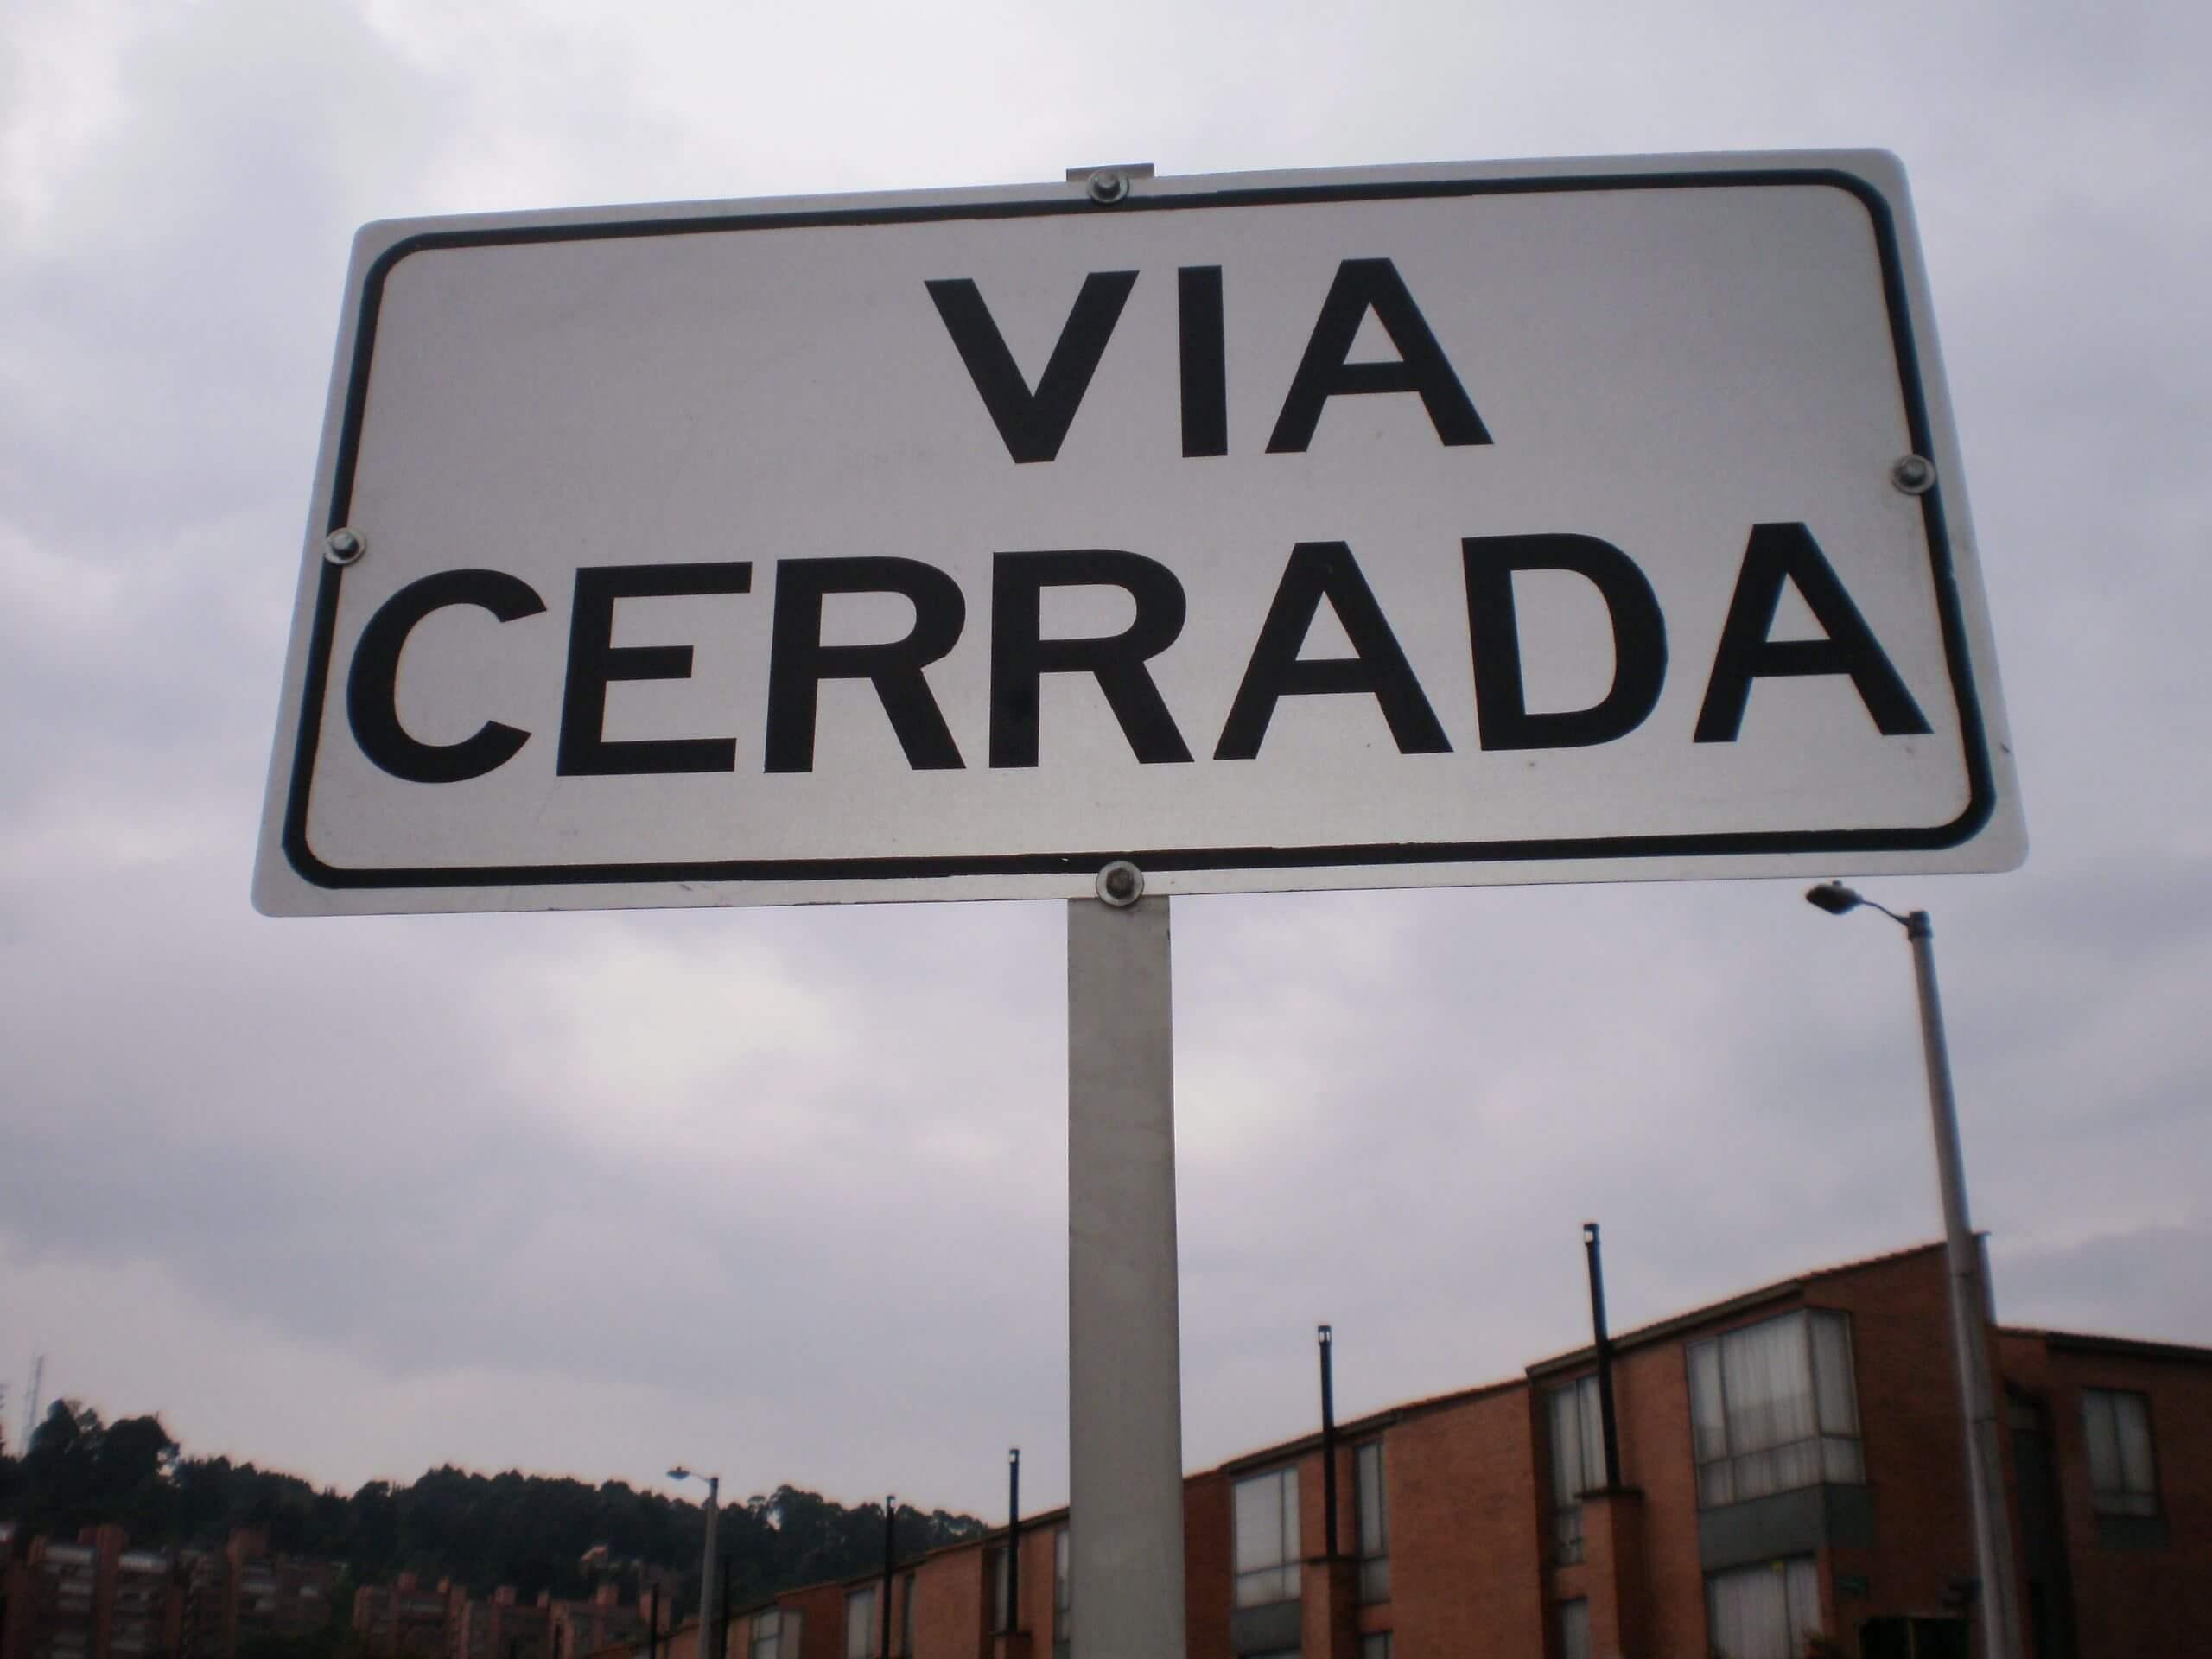 Abrir vía piden residentes de Pescadito. Luego de atentado autoridades tomaron la decisión.